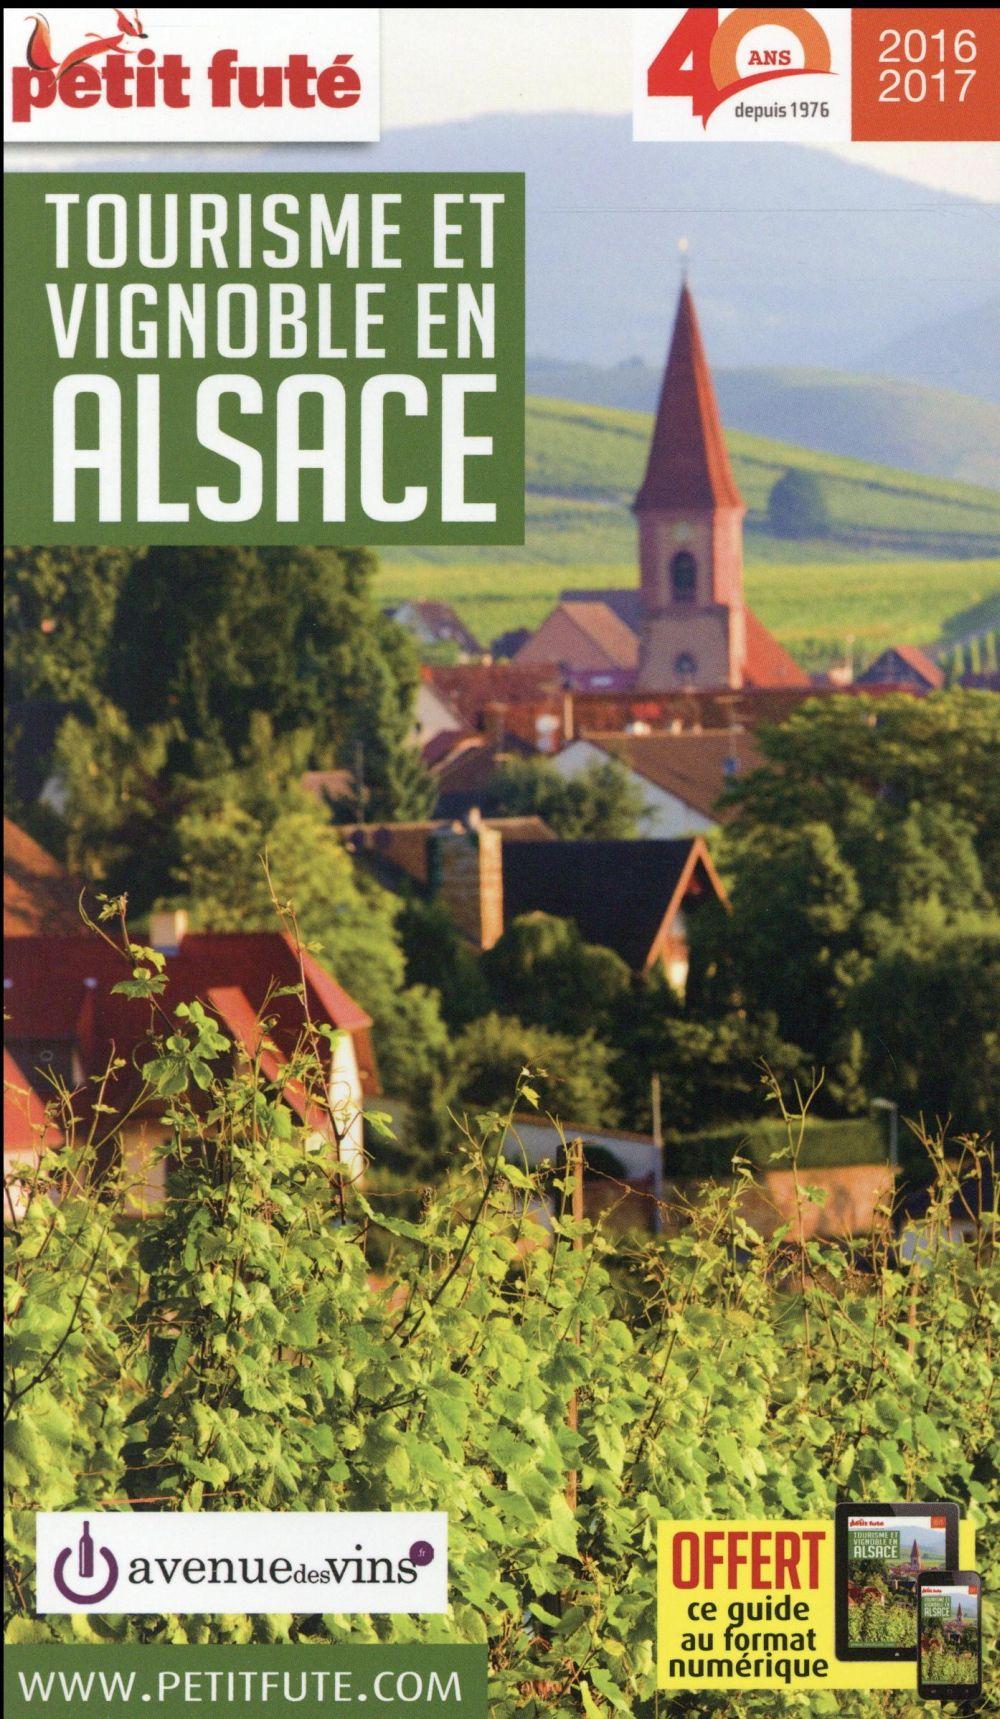 GUIDE PETIT FUTE ; THEMATIQUES ; tourisme et vignoble en Alsace ; édition 2016 - 2017